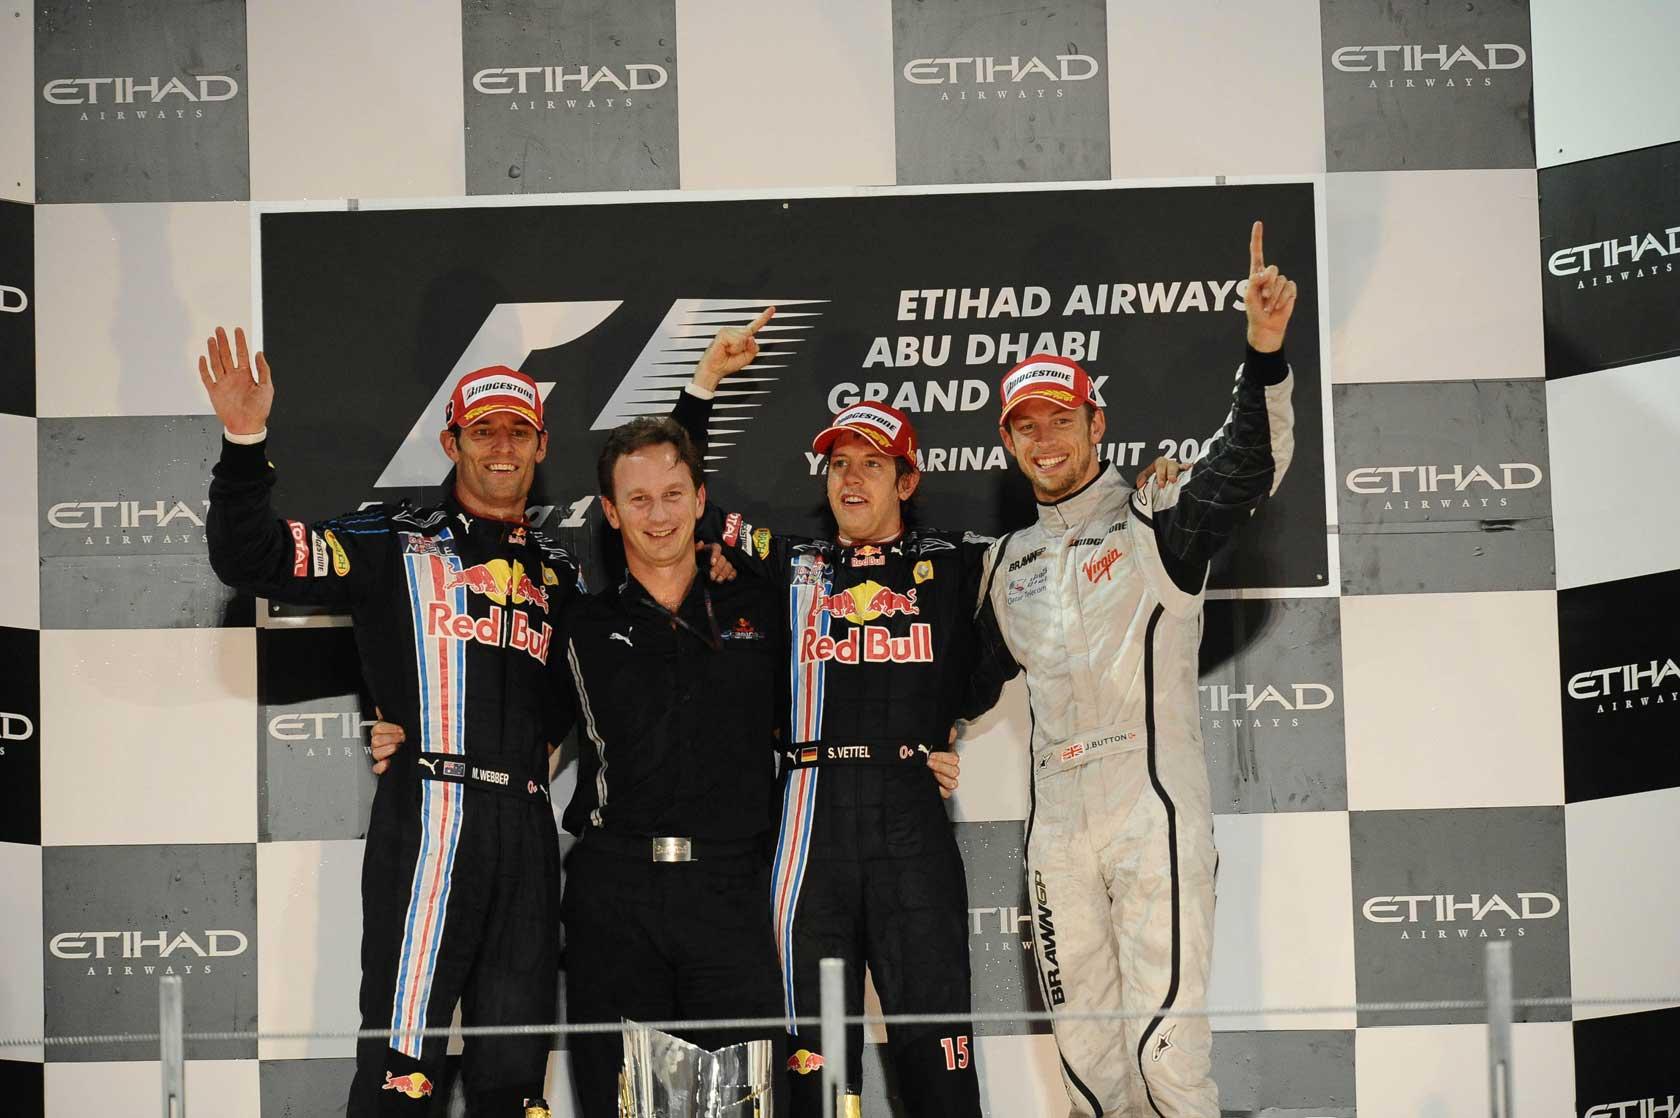 Pobjedničko postolje na prvoj VN Abu Dabija 2009. Slijeva nadesno: Mark Webber, Christian Horner, Sebastian Vettel i Jenson Button. (1.11.2009.) Foto: f1fanatic